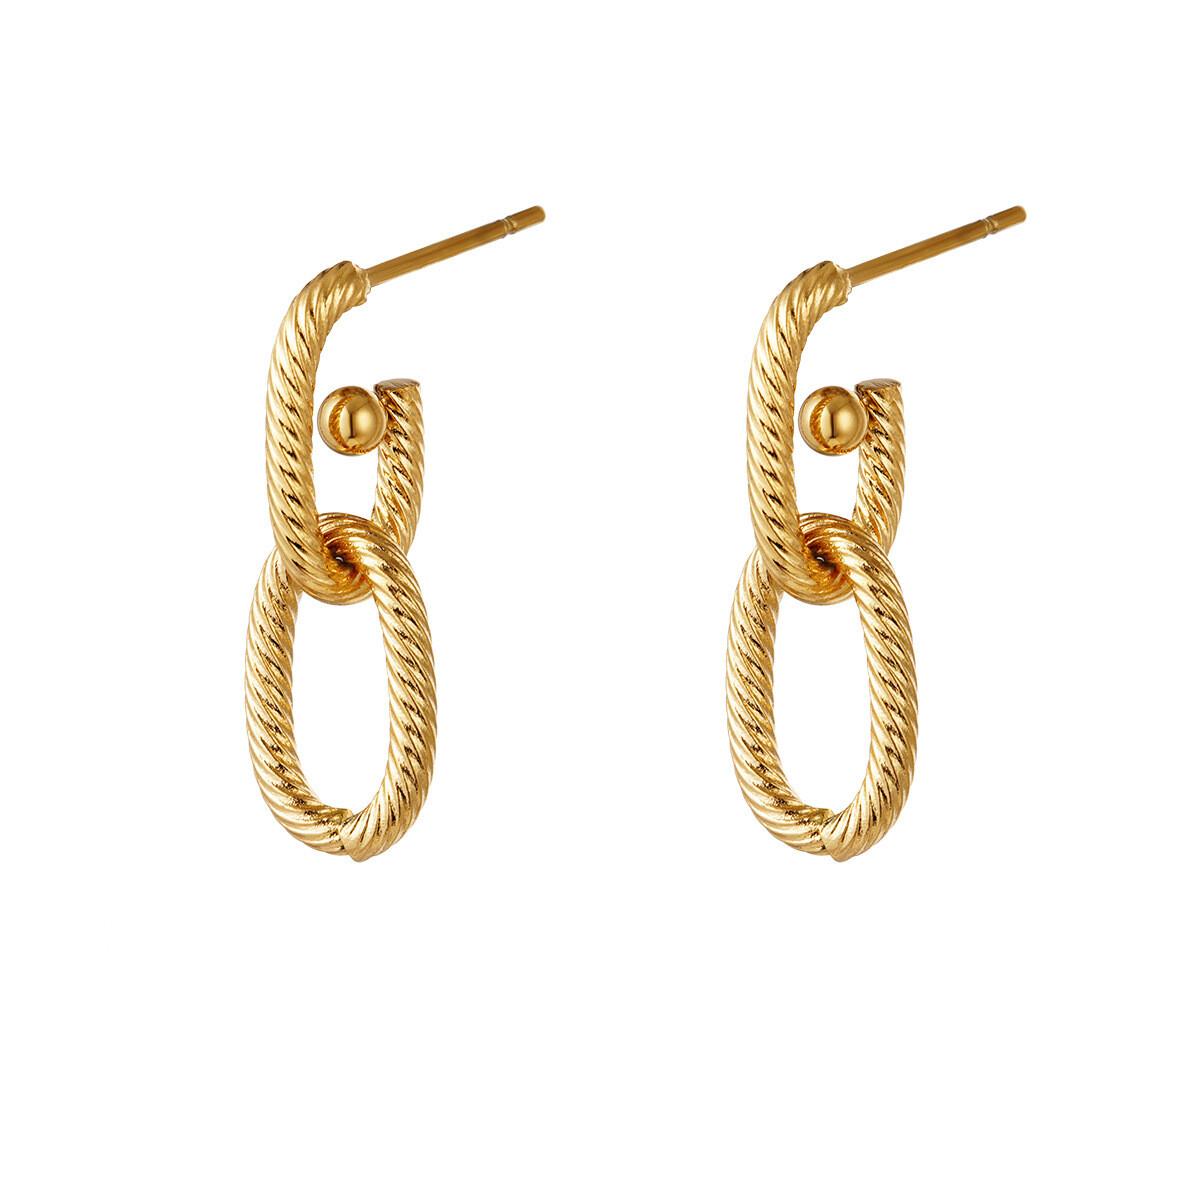 Double gedraaide oorknopjes goud stainless steel 25 mm